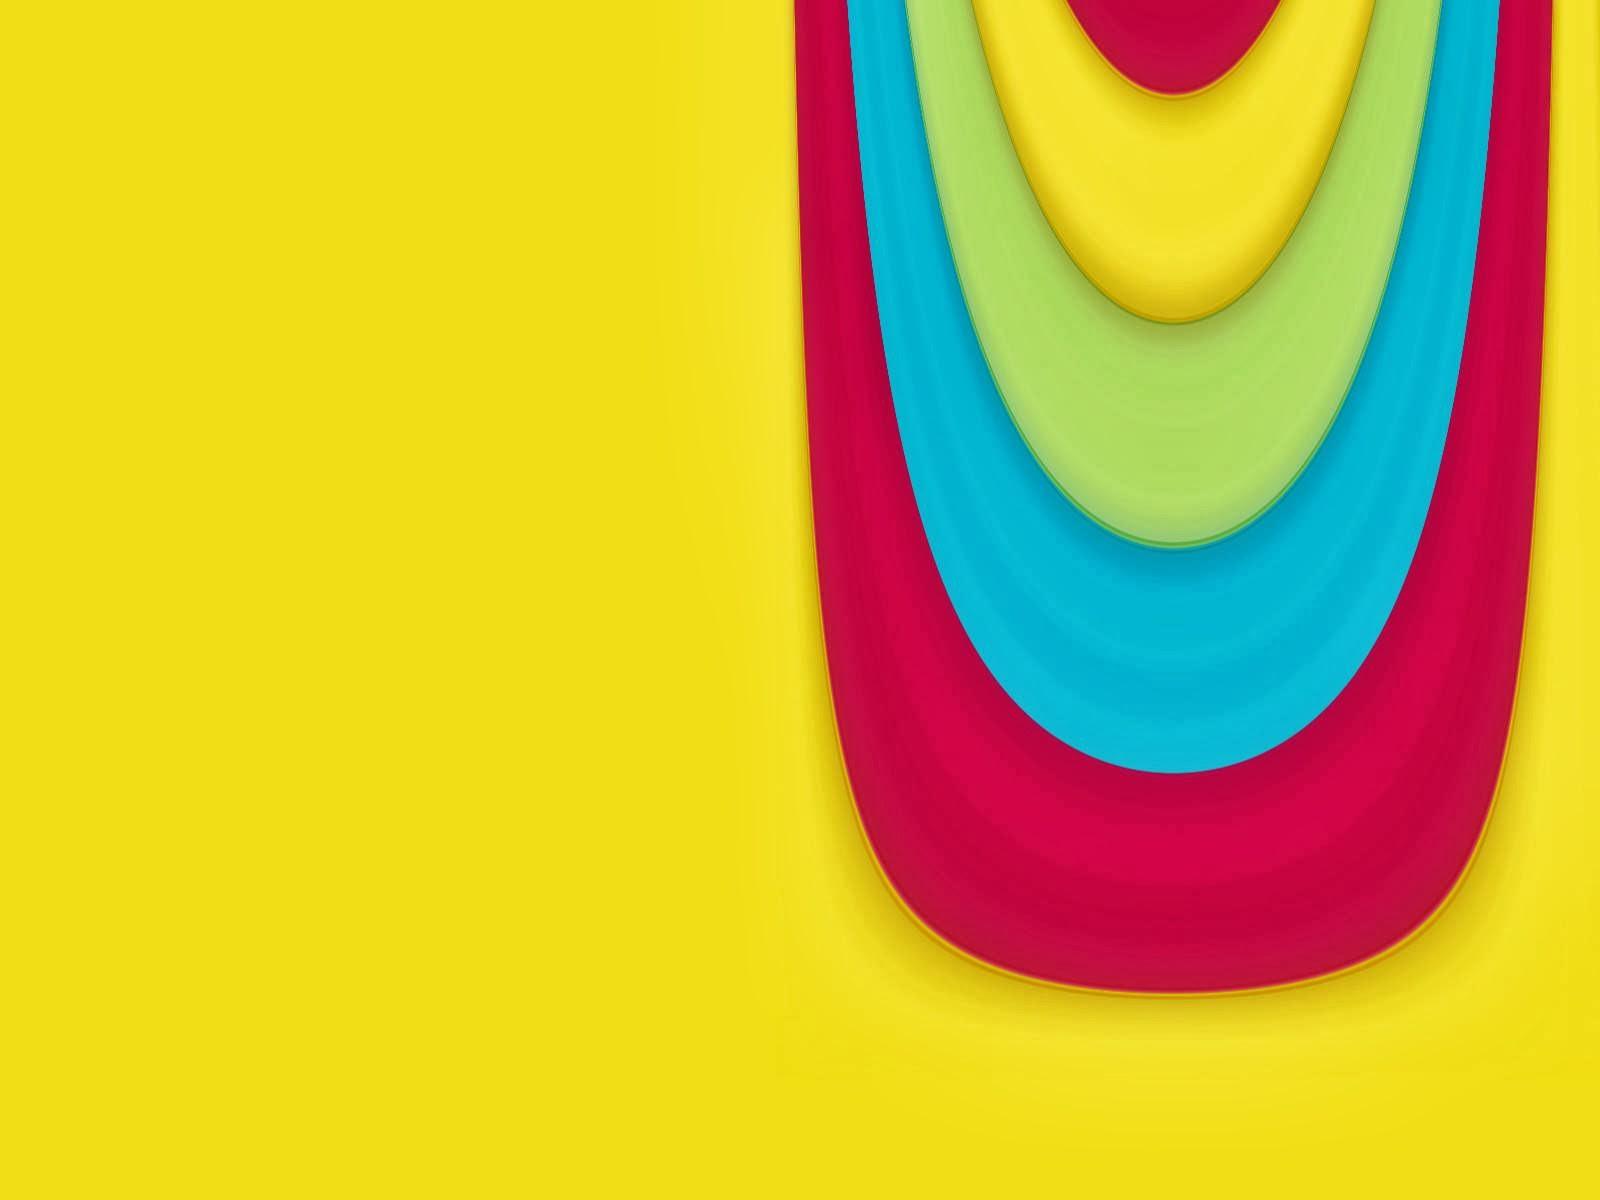 Fondo de pantalla abstracto diana de colores imagenes - Diana de colores ...